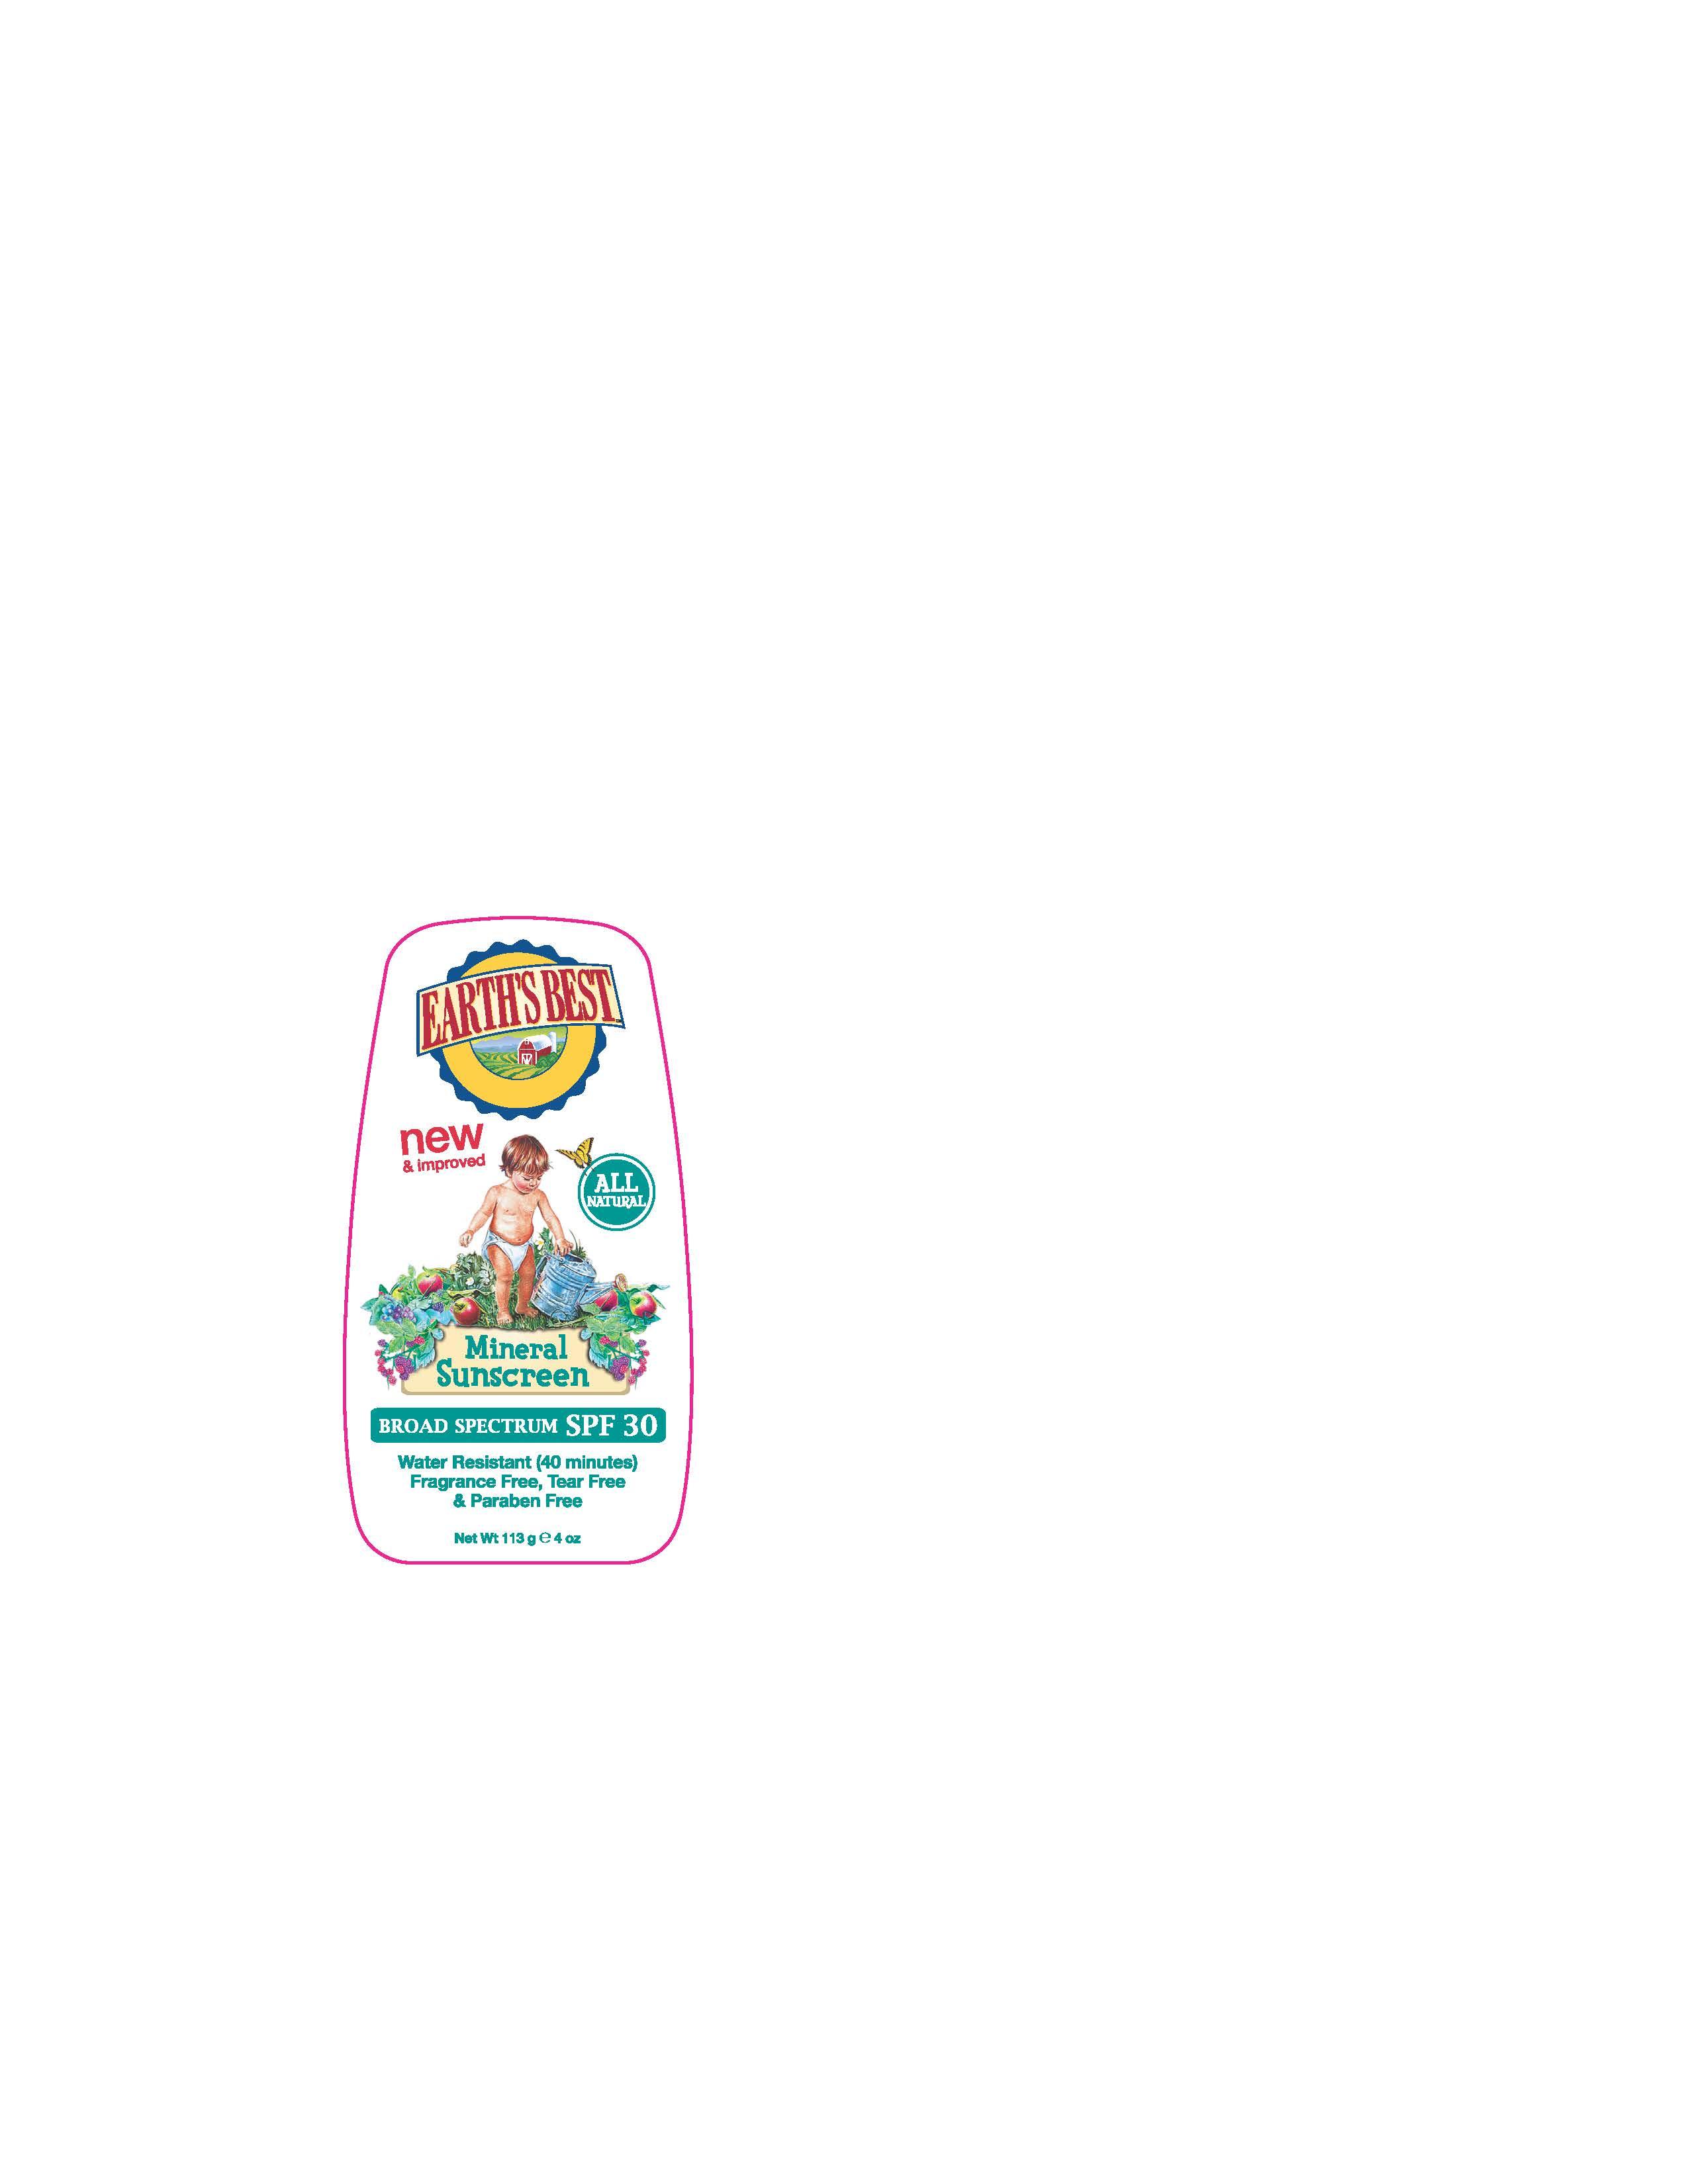 image of bottle front label